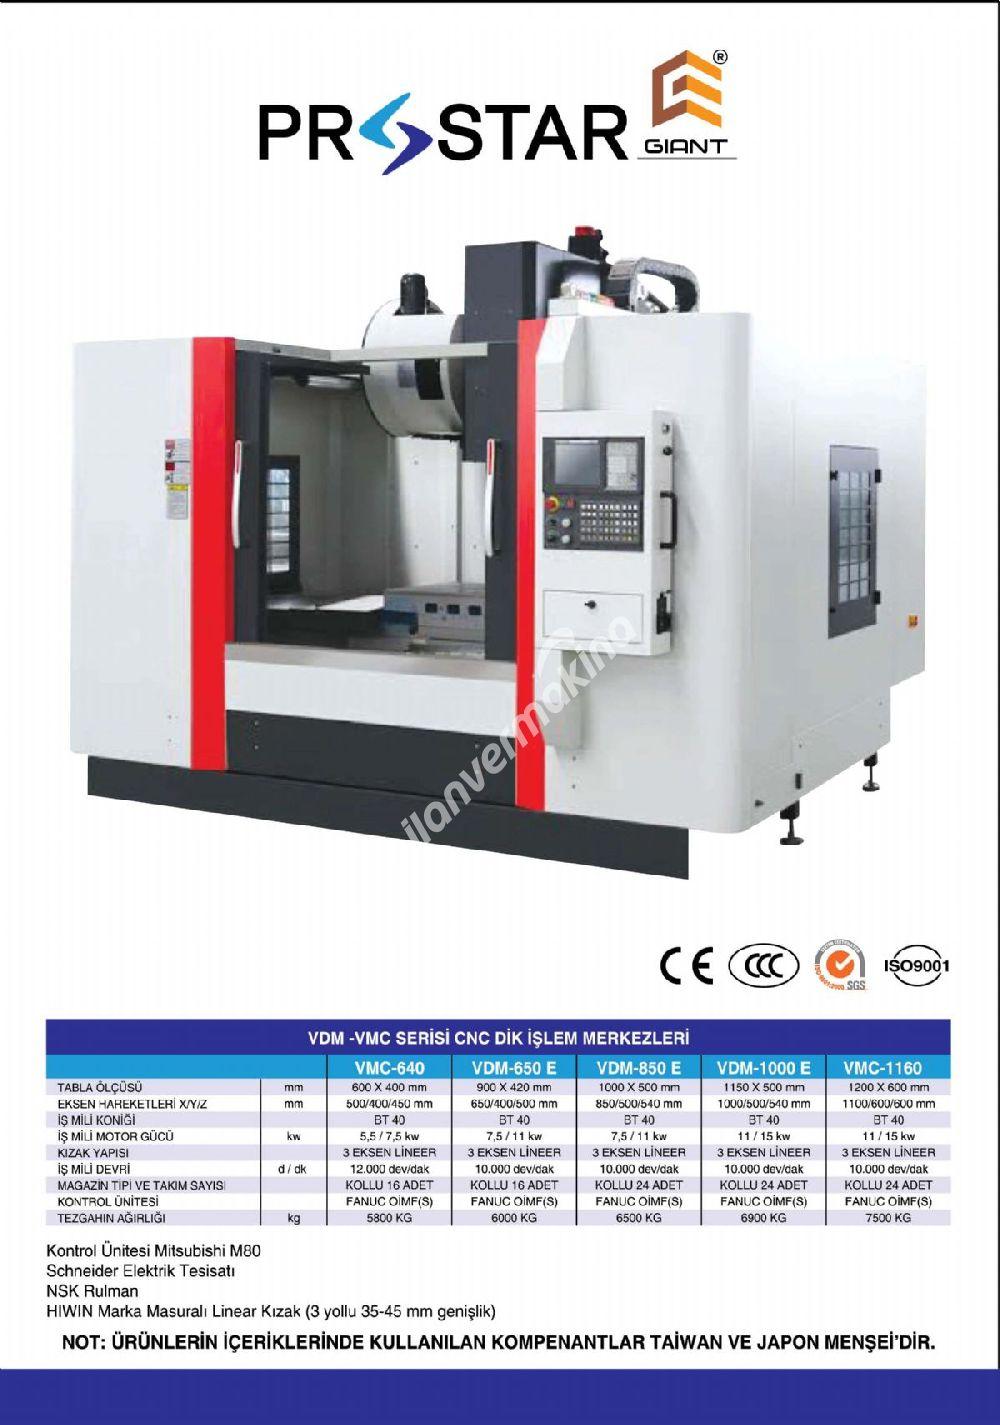 PROSTAR GIANT VMC 640 CNC DİK İŞLEM MERKEZİ